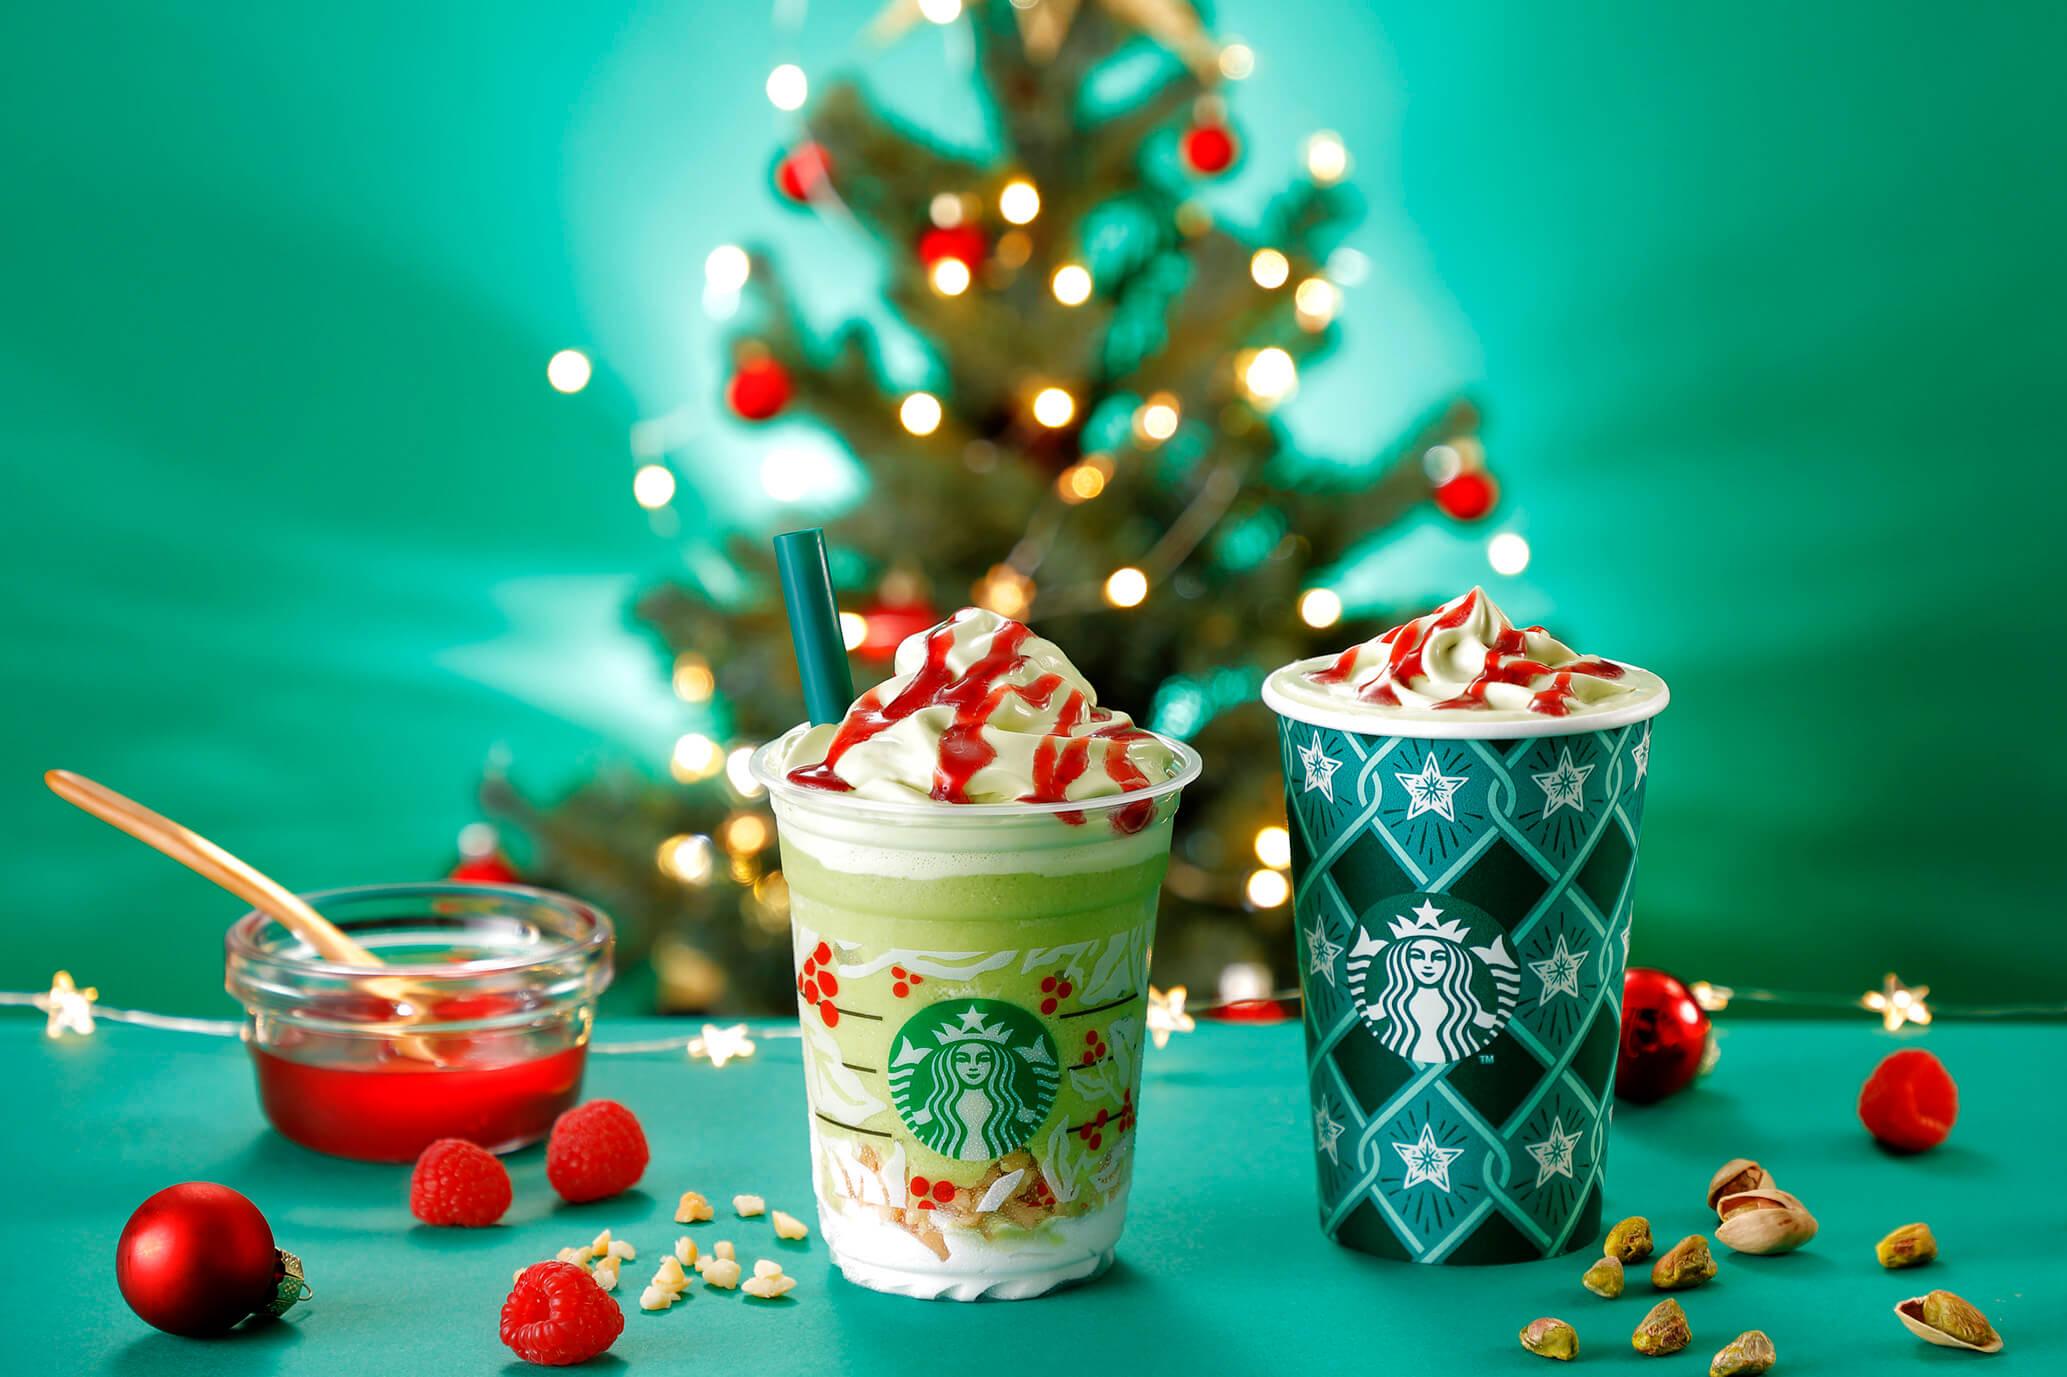 星巴克假期限定飲品 以「聖誕樹」為概念設計的星冰樂登場 星巴克、聖誕節、